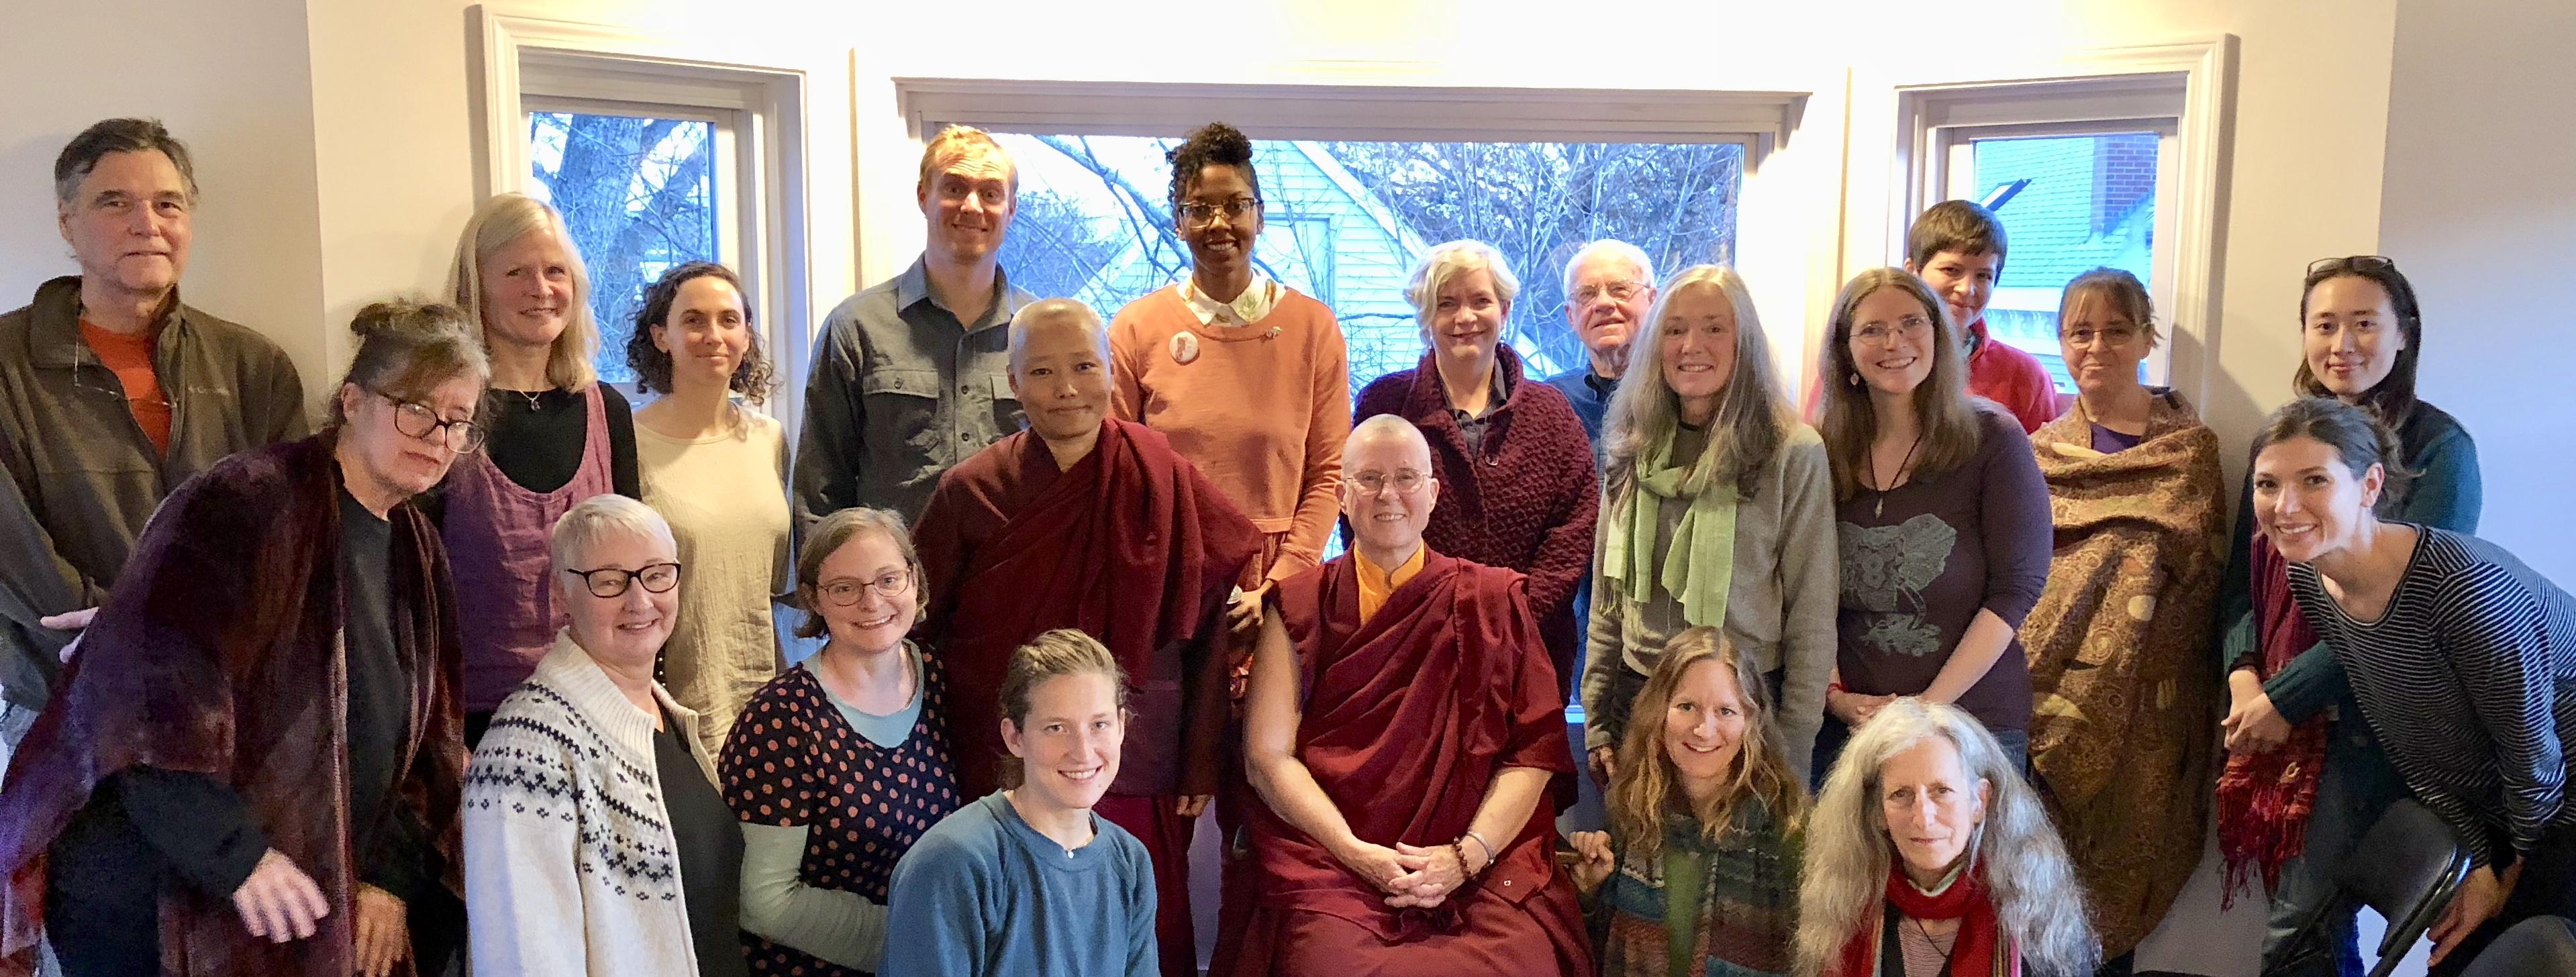 Vajra Dakini Nunnery – Peace, Practice, Service